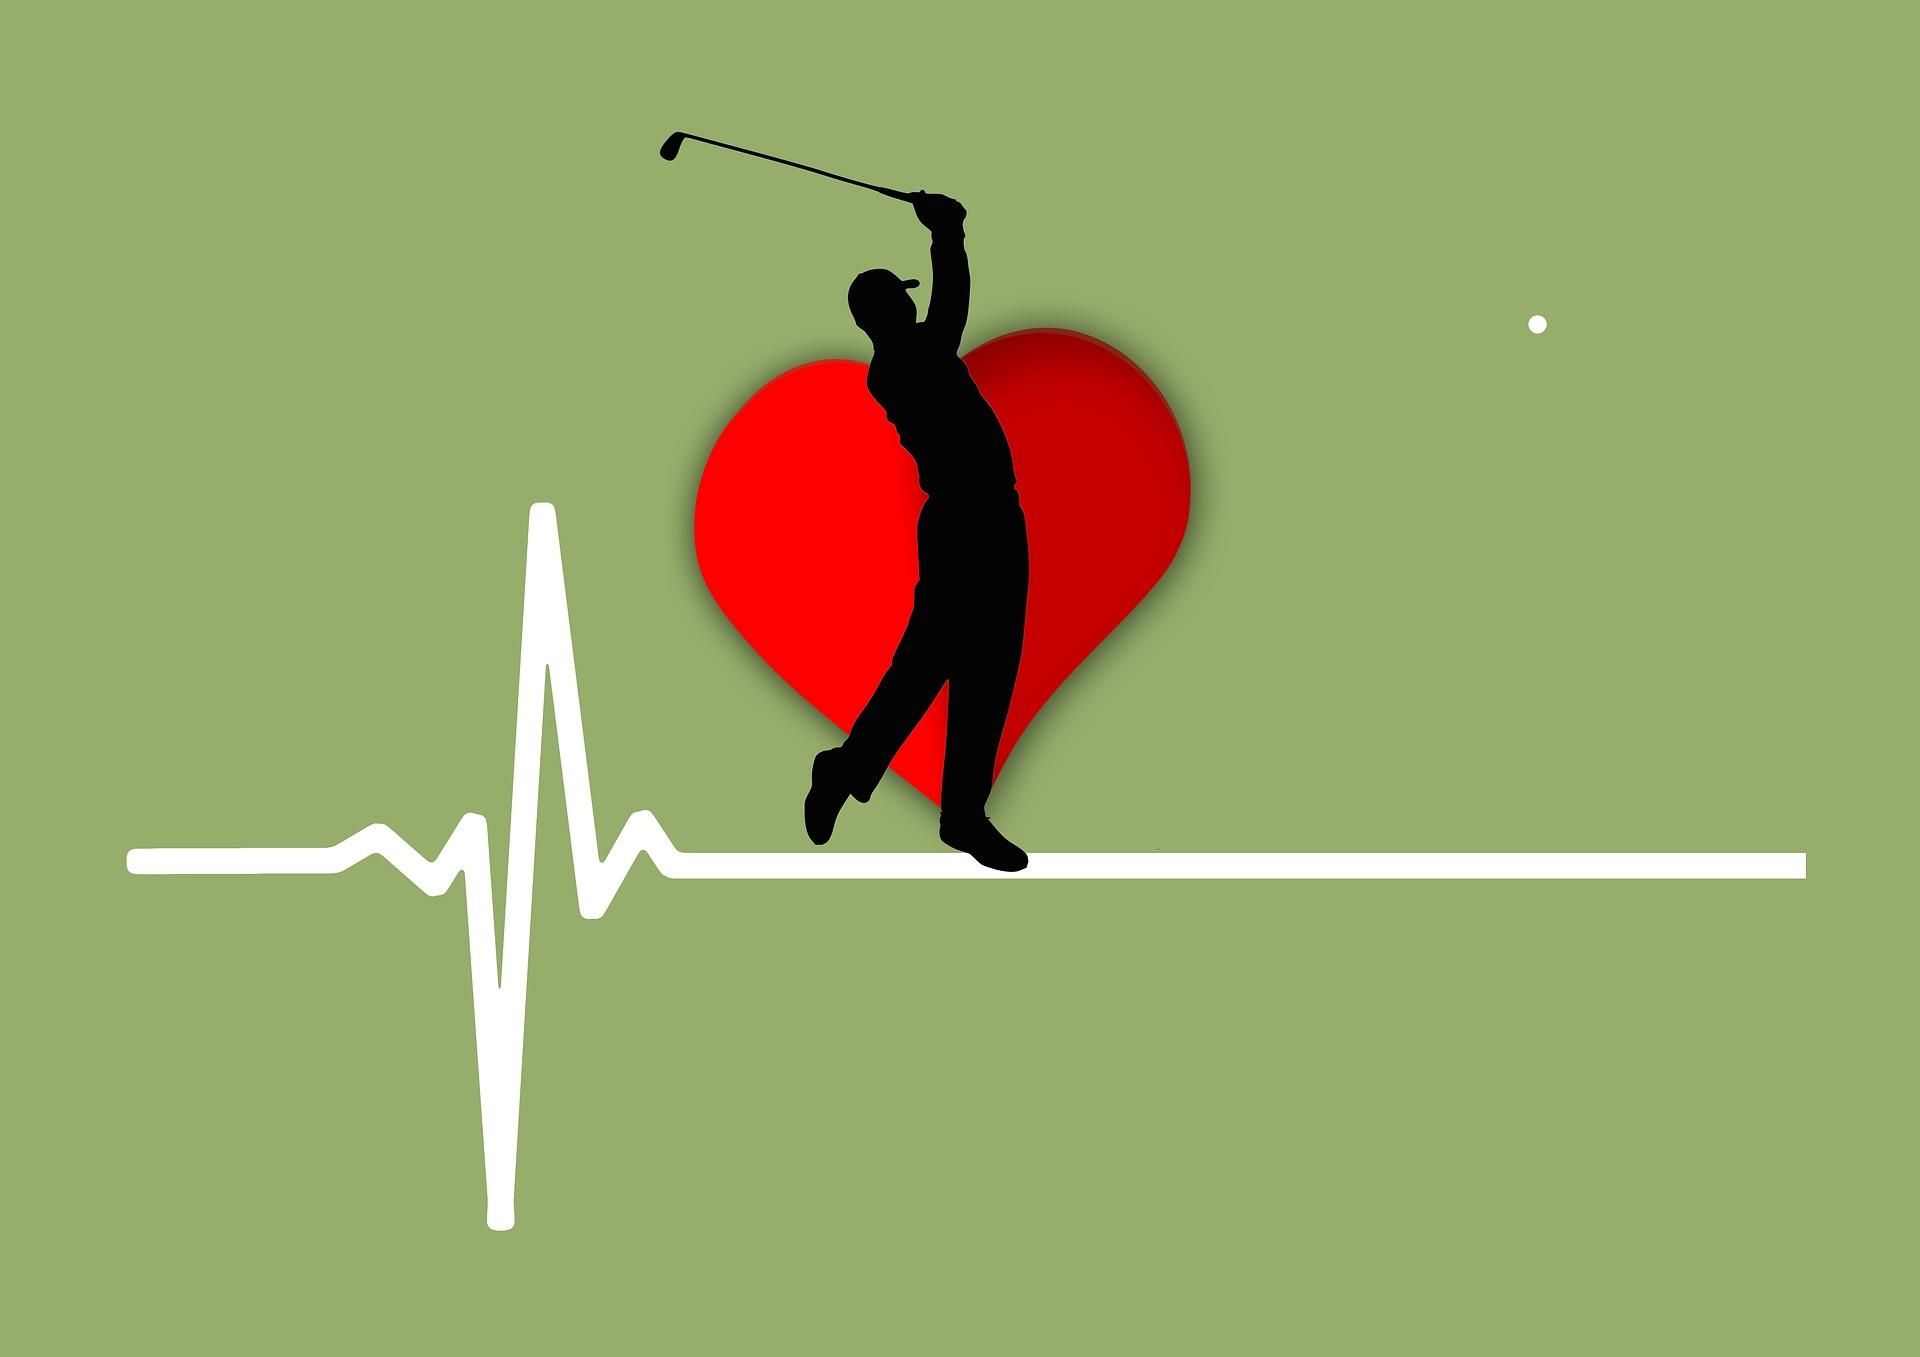 heartbeat-3077960_1920